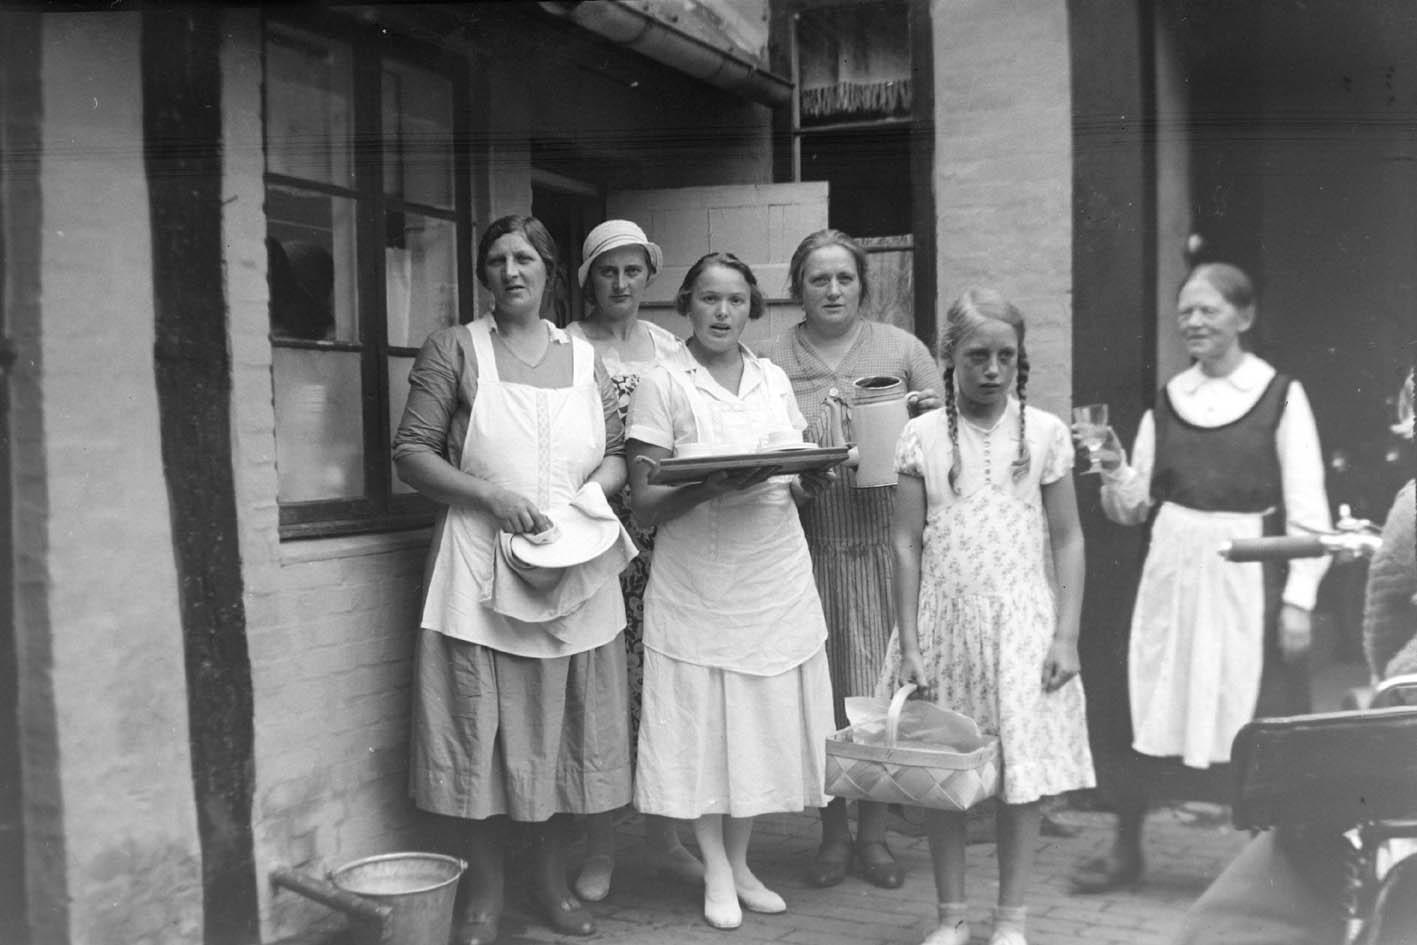 0919-kirstine-og-bodil-sammen-med-andre-kvinder-i-gaarden